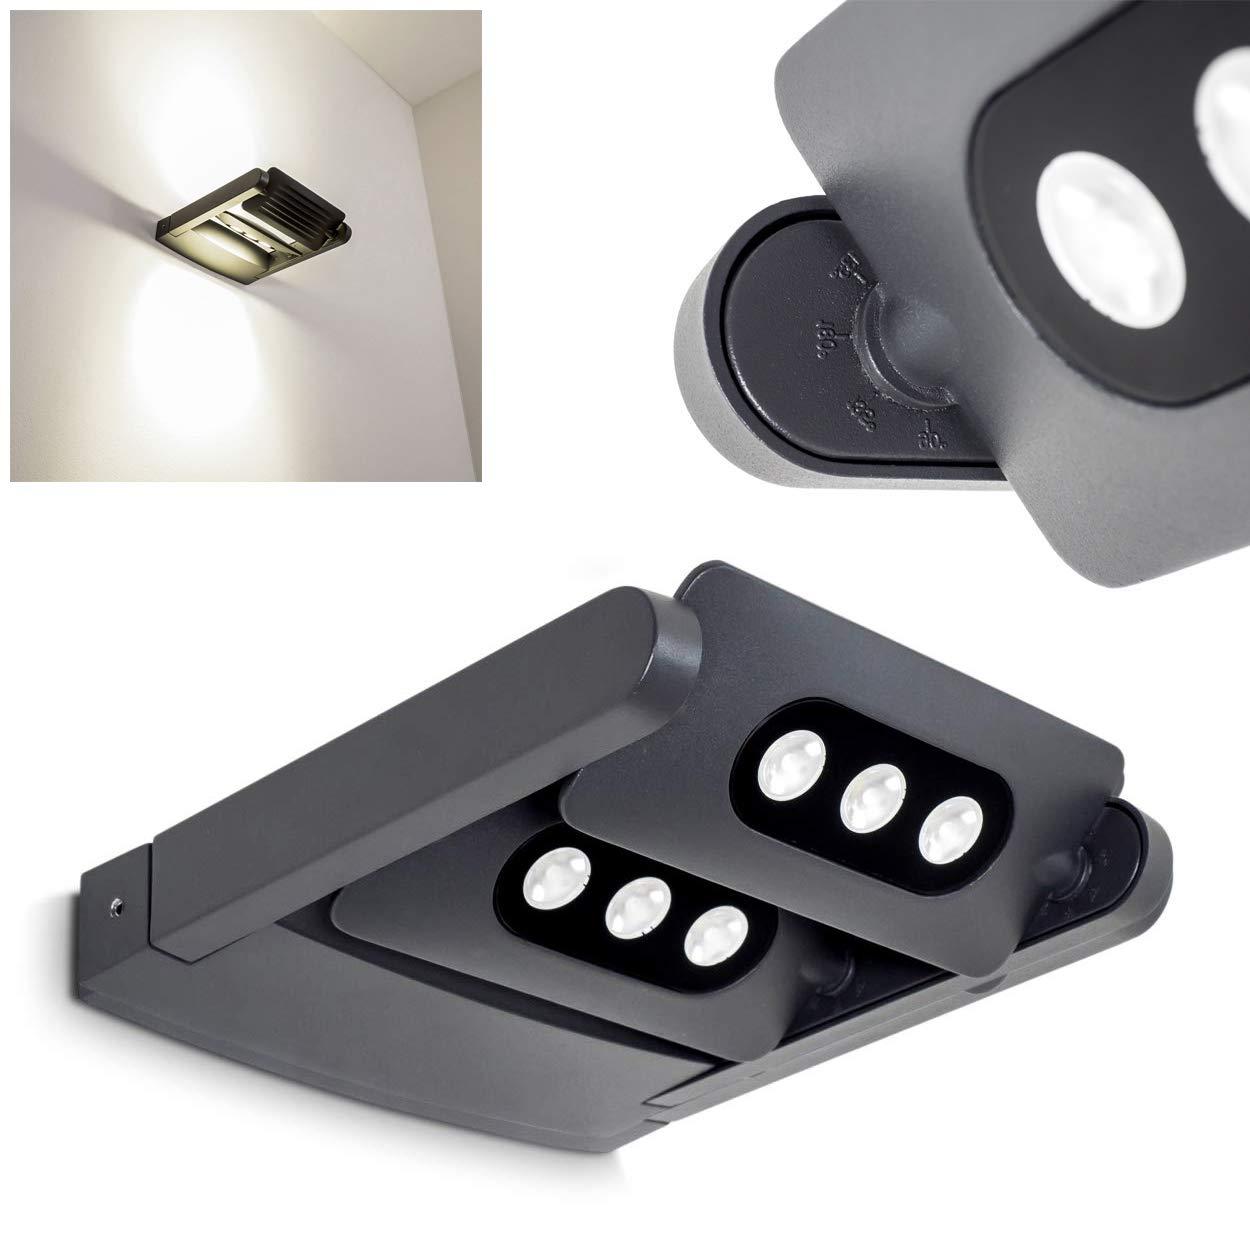 Applique da Esterno Design Moderno Colore Antracite Modello Tazlina- Lampada da Parete Elementi LED Luminosi Movibili Separatamente- Illuminazione per Esterno e Giardino Luce Bianca Neutra Orientabile